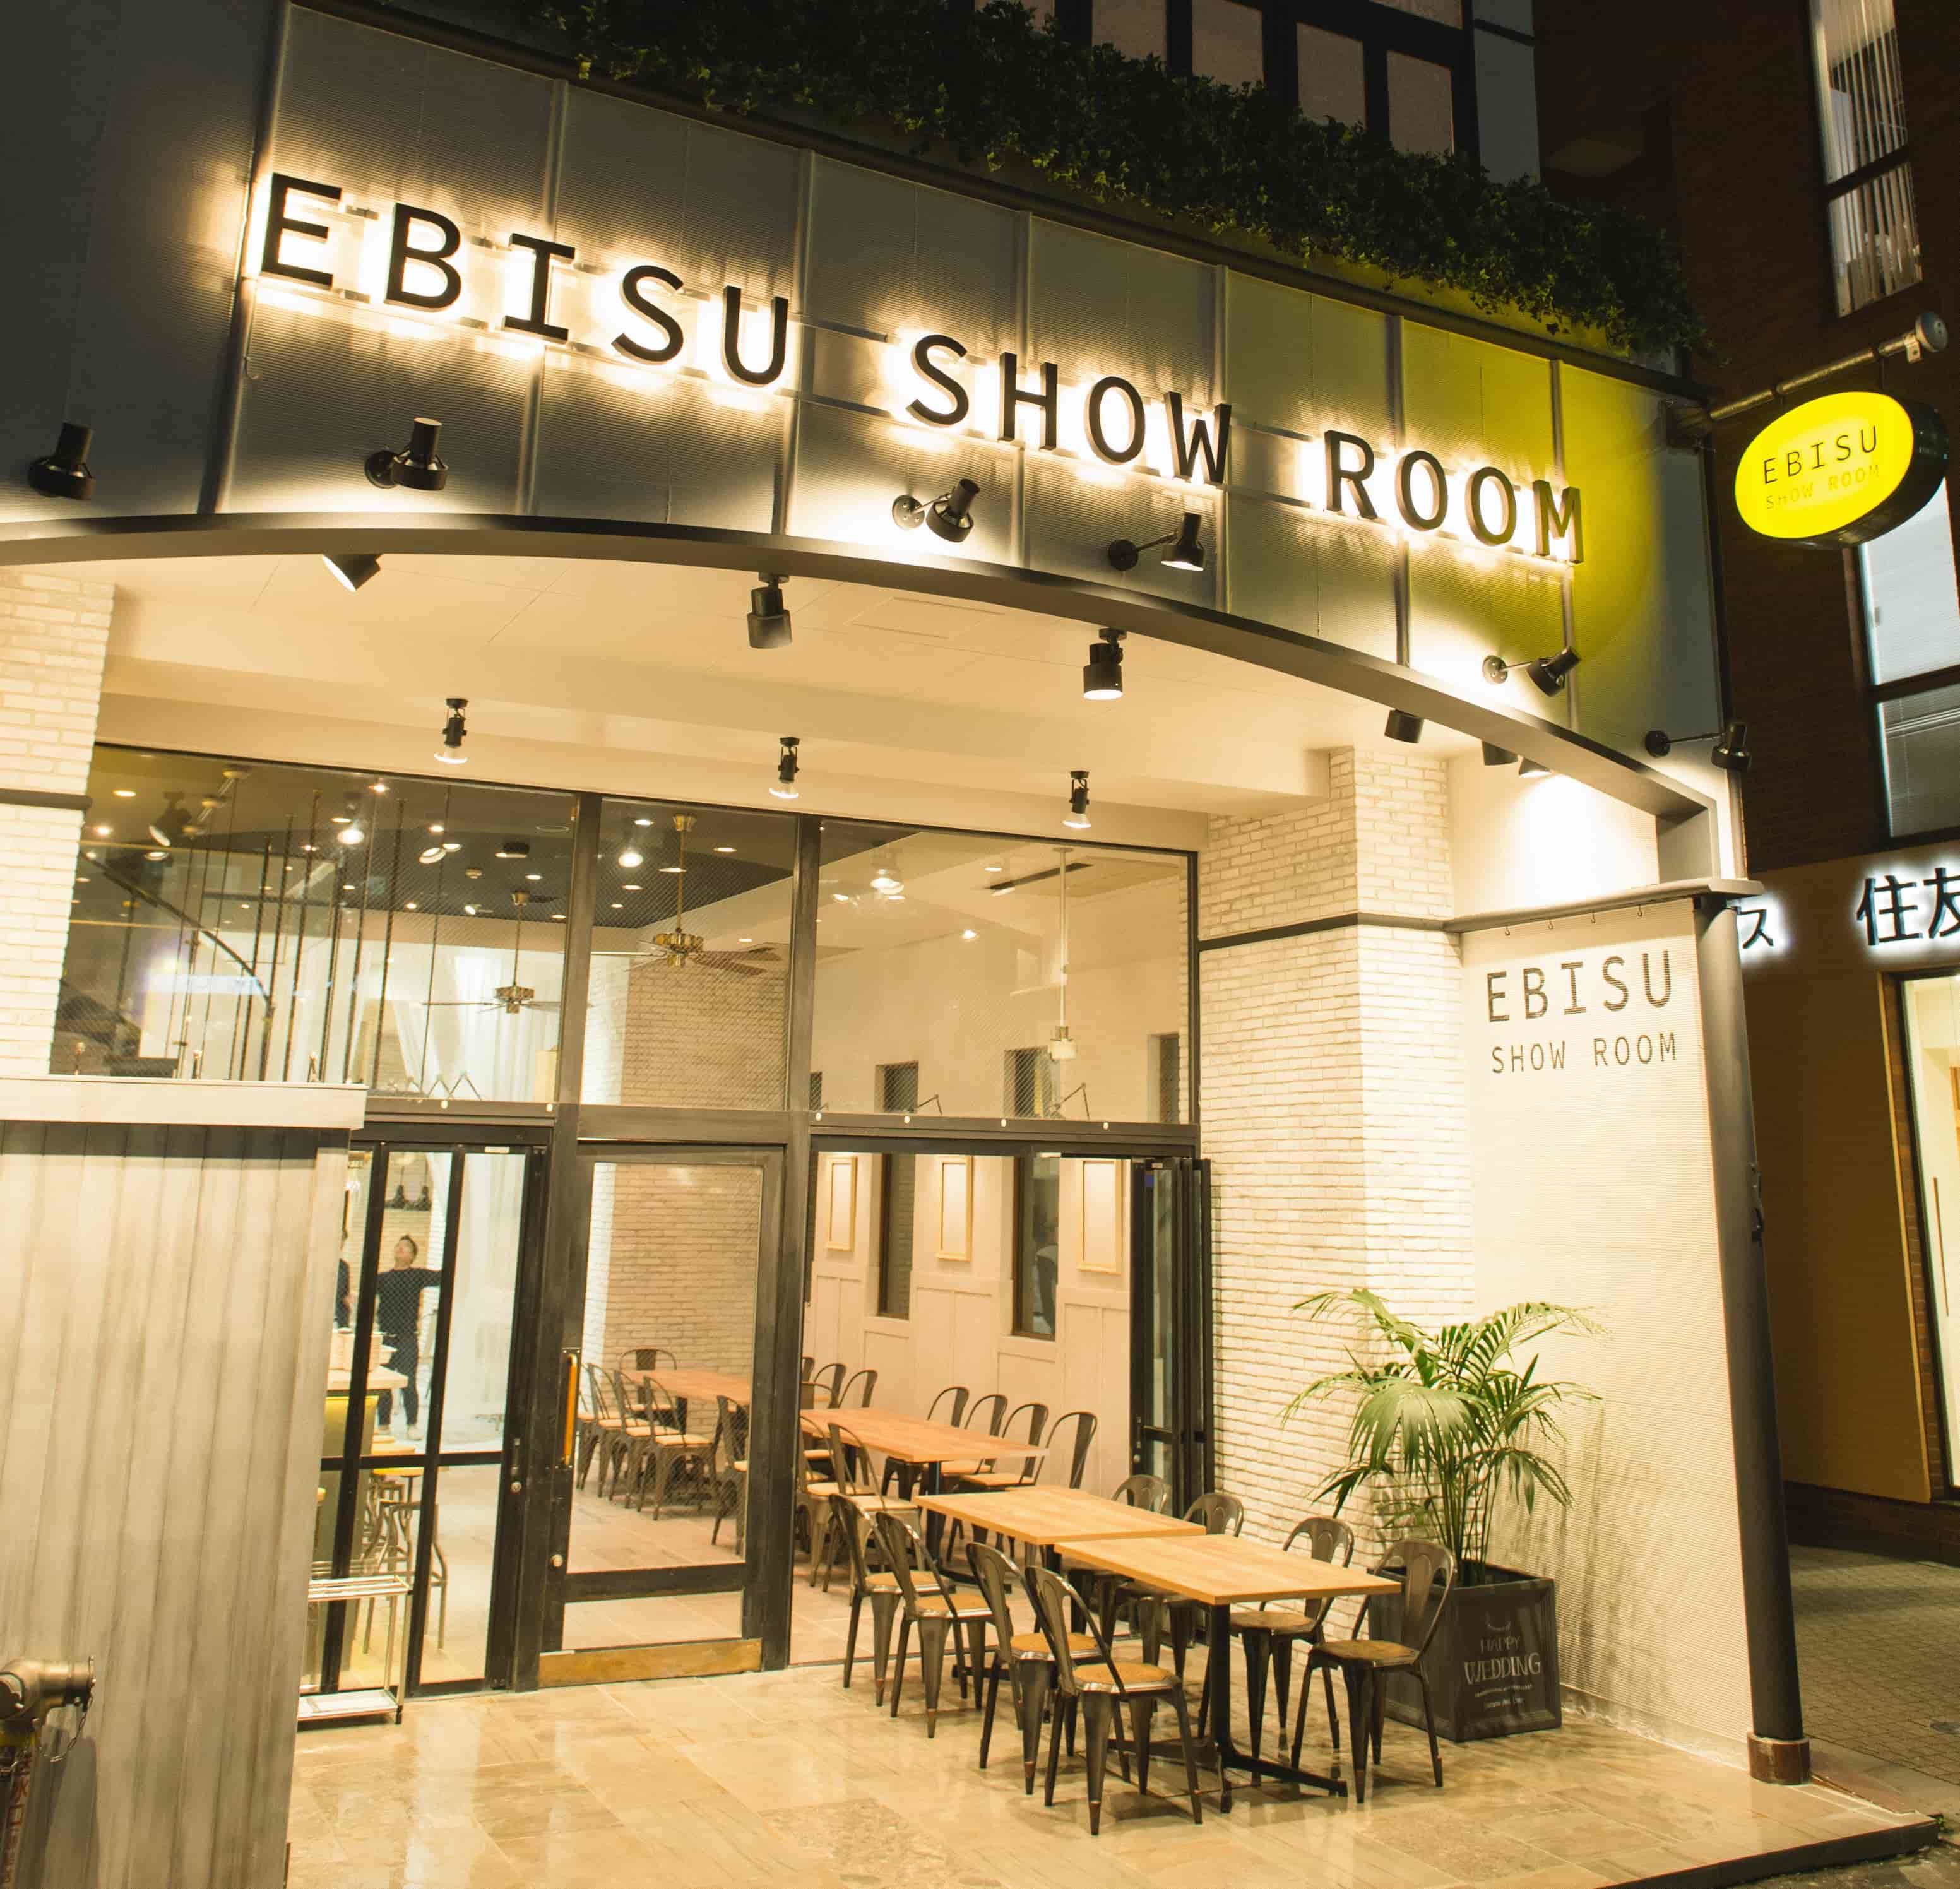 婚活パーティーの準備@EBISU SHOW ROOM|TIME SHARING|タイムシェアリング|スペースマネジメント|あどばる|adval|SHARING